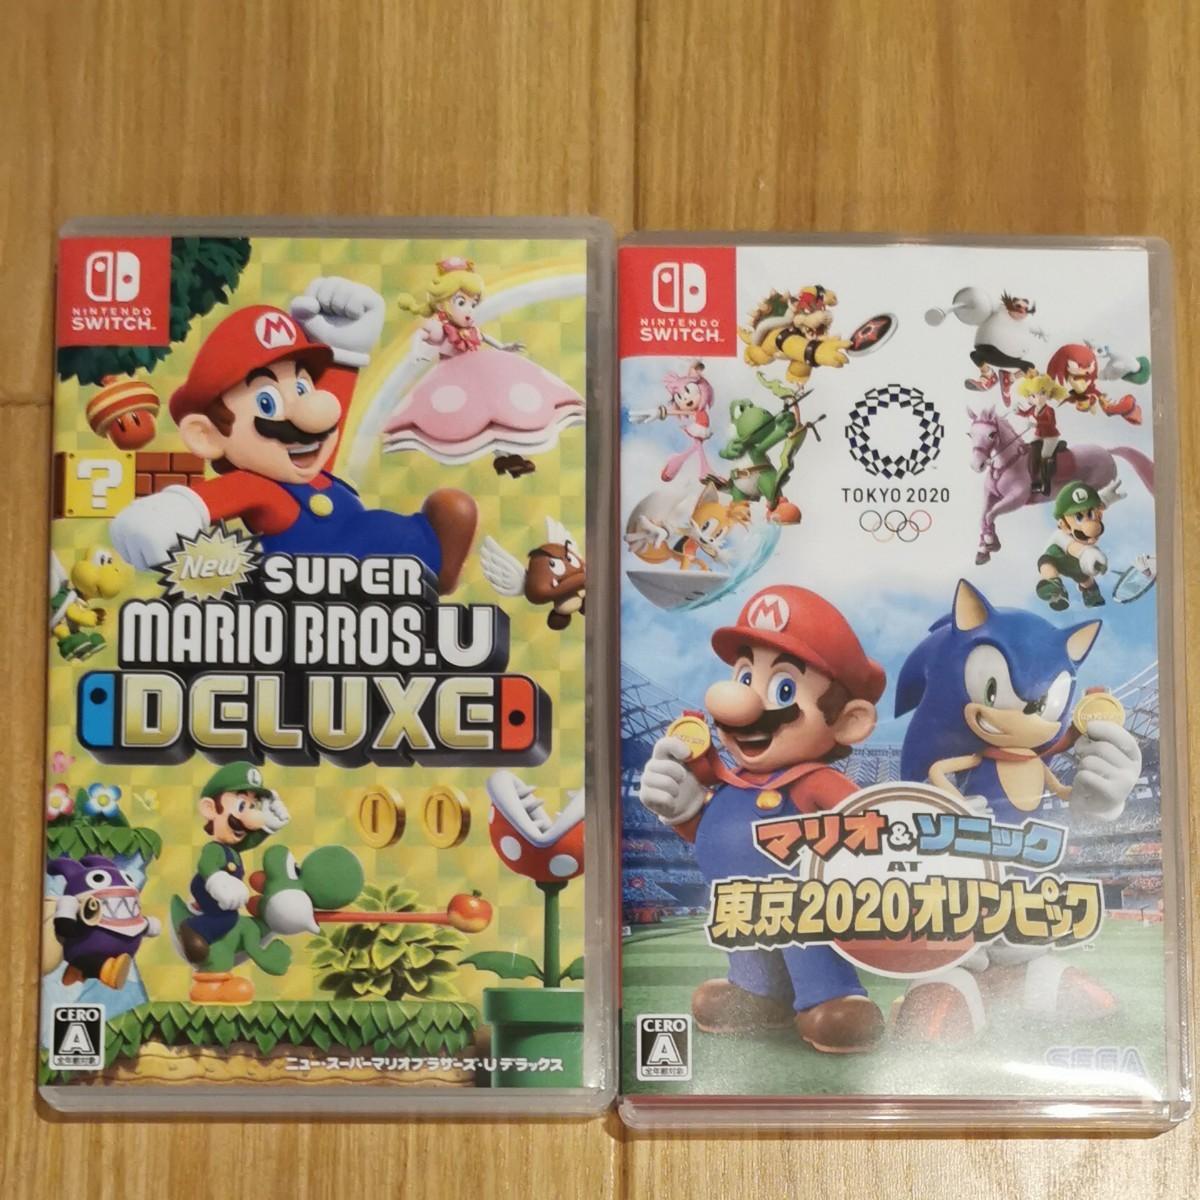 Nintendo Switch NewスーパーマリオブラザーズU マリオ&ソニックAT東京2020オリンピック セット